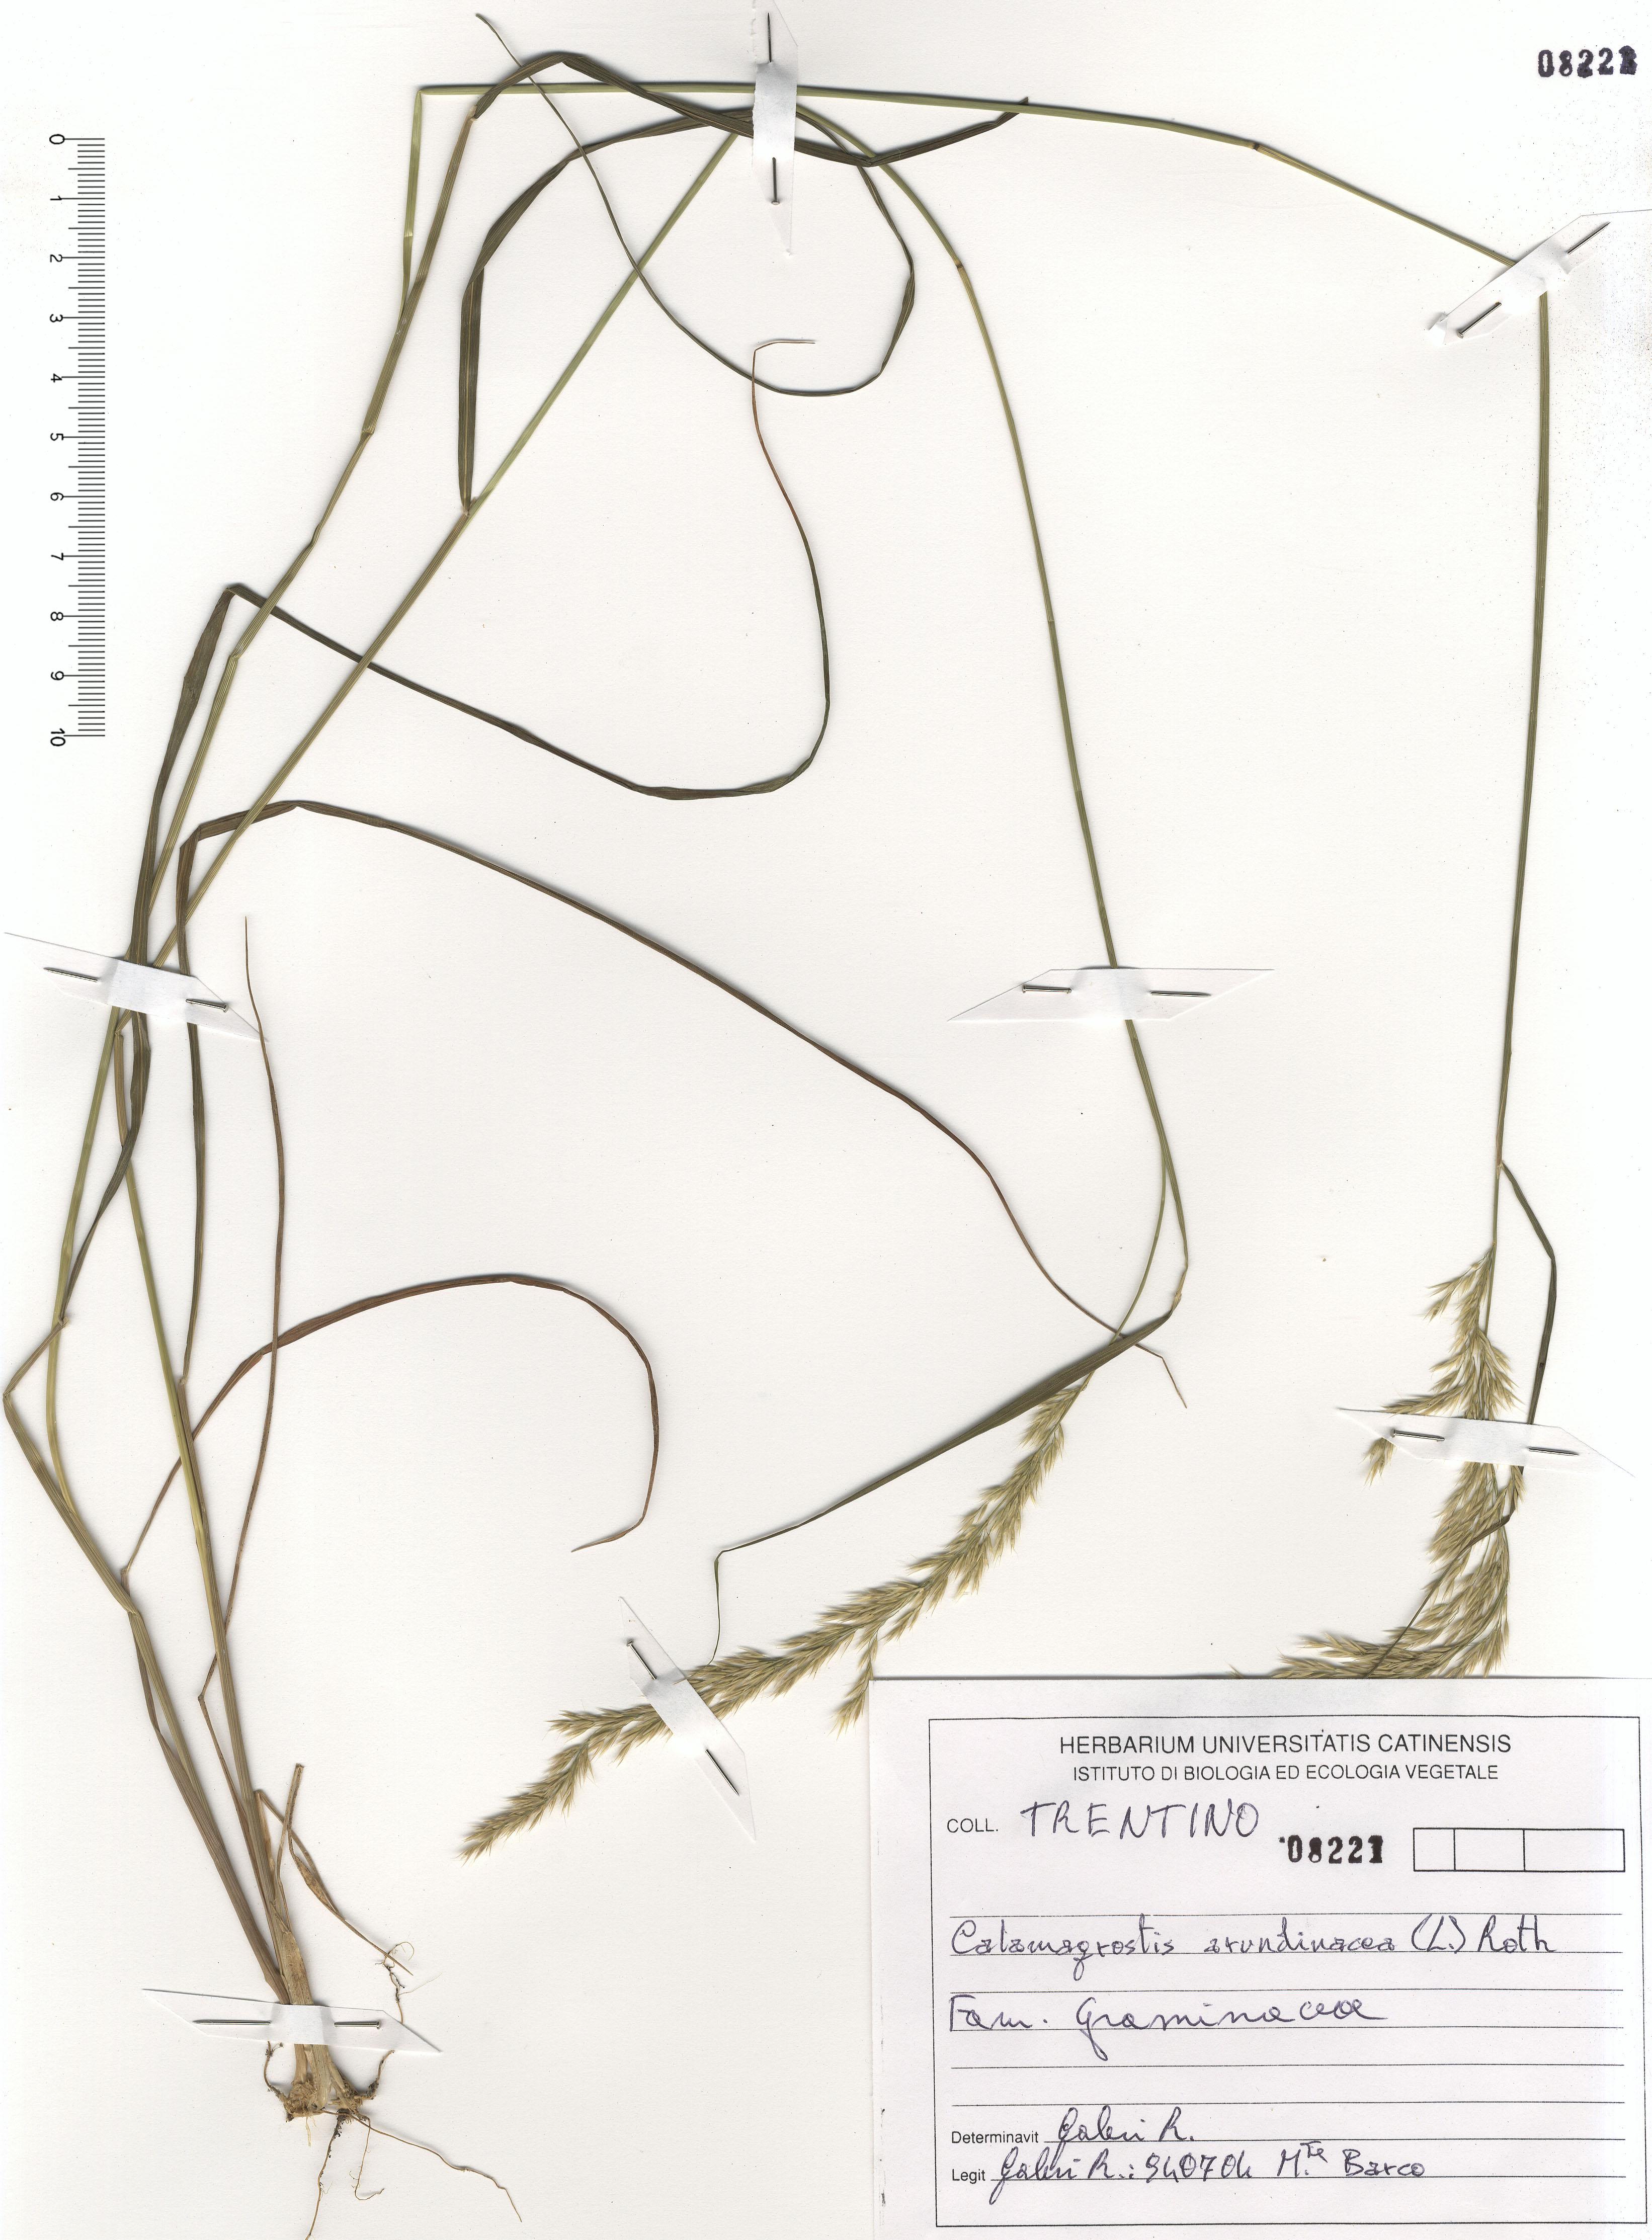 © Hortus Botanicus Catinensis - Herb. sheet 1088221<br>